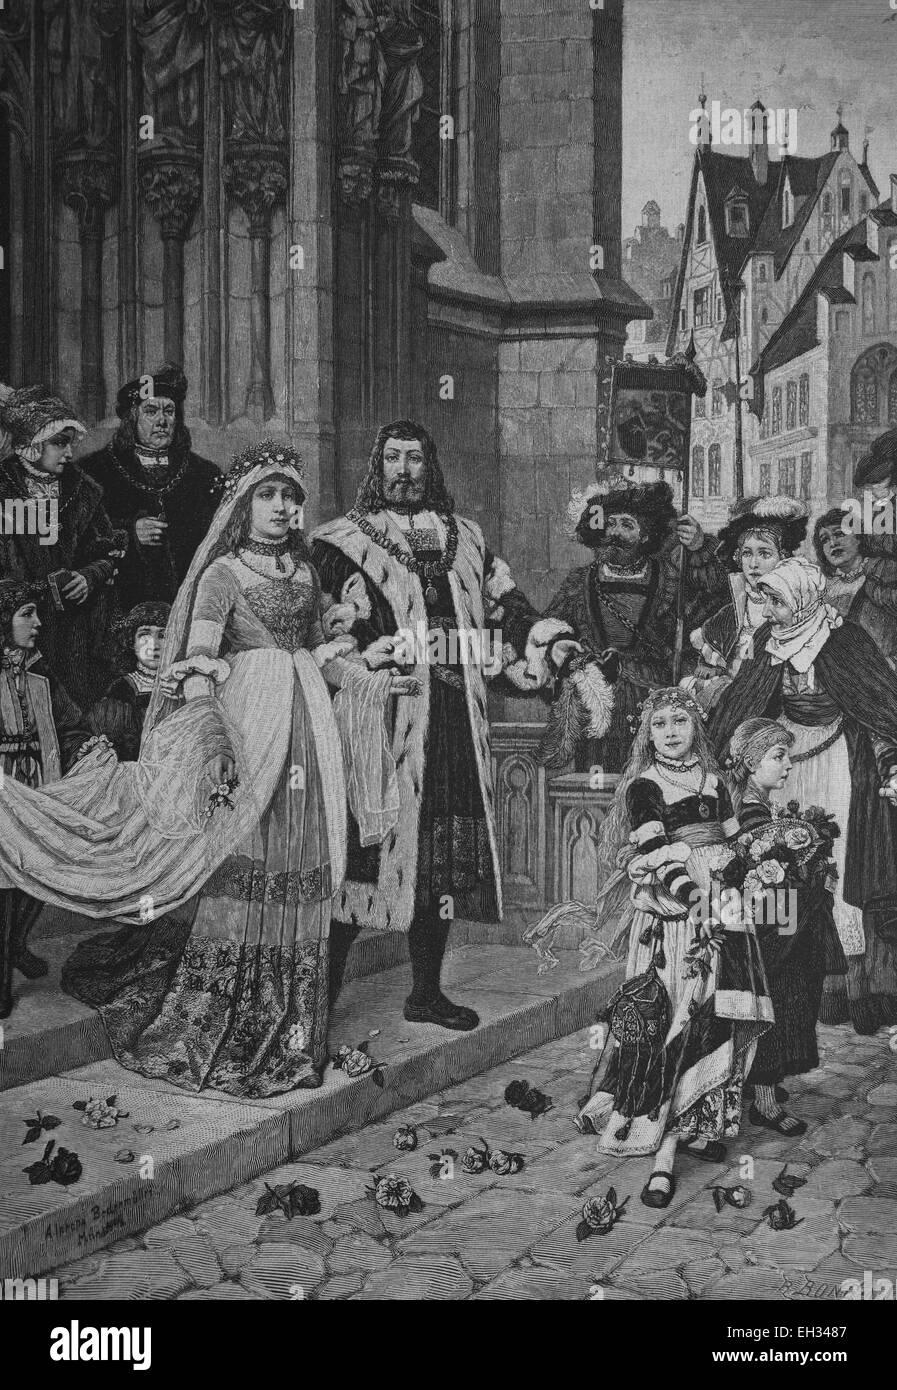 Albrecht Duerer Hochzeit, Albrecht Duerer der jüngere, 1471-1528, deutscher Maler, Grafiker, Mathematiker und Stockbild